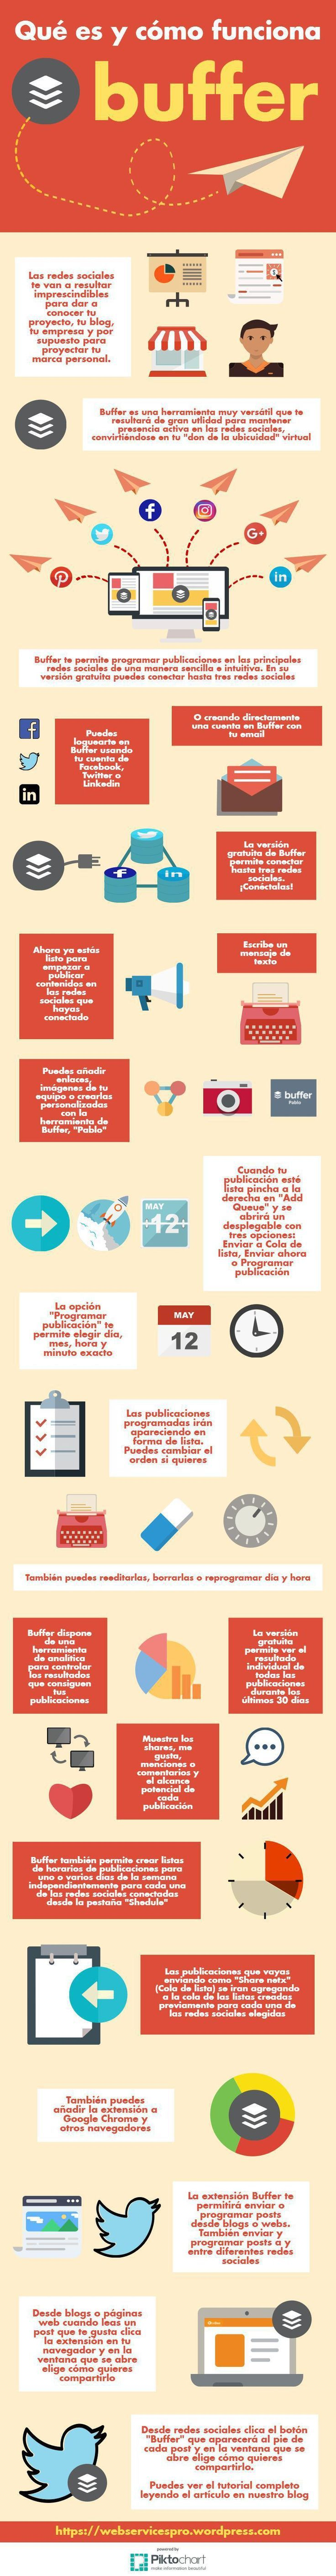 Buffer: qué es y cómo funciona. Herramientas para tu estrategia de redes sociales. #SocialMedia #RedesSociales